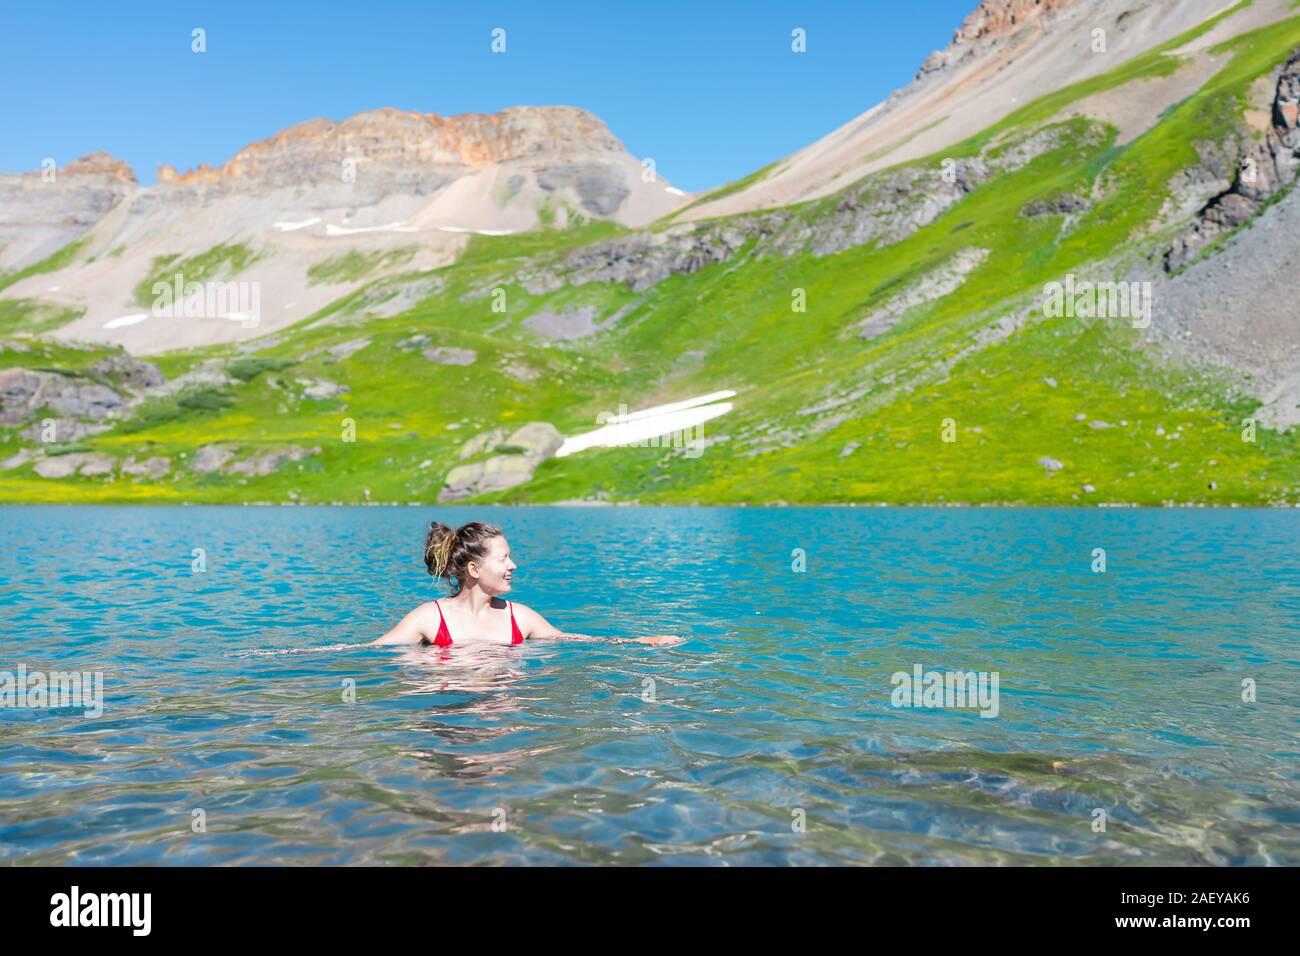 Joven Mujer feliz chica nadando en agua fría de hielo del lago vibrante en el famoso sendero en Silverton, Colorado en San Juan la montaña en verano Foto de stock